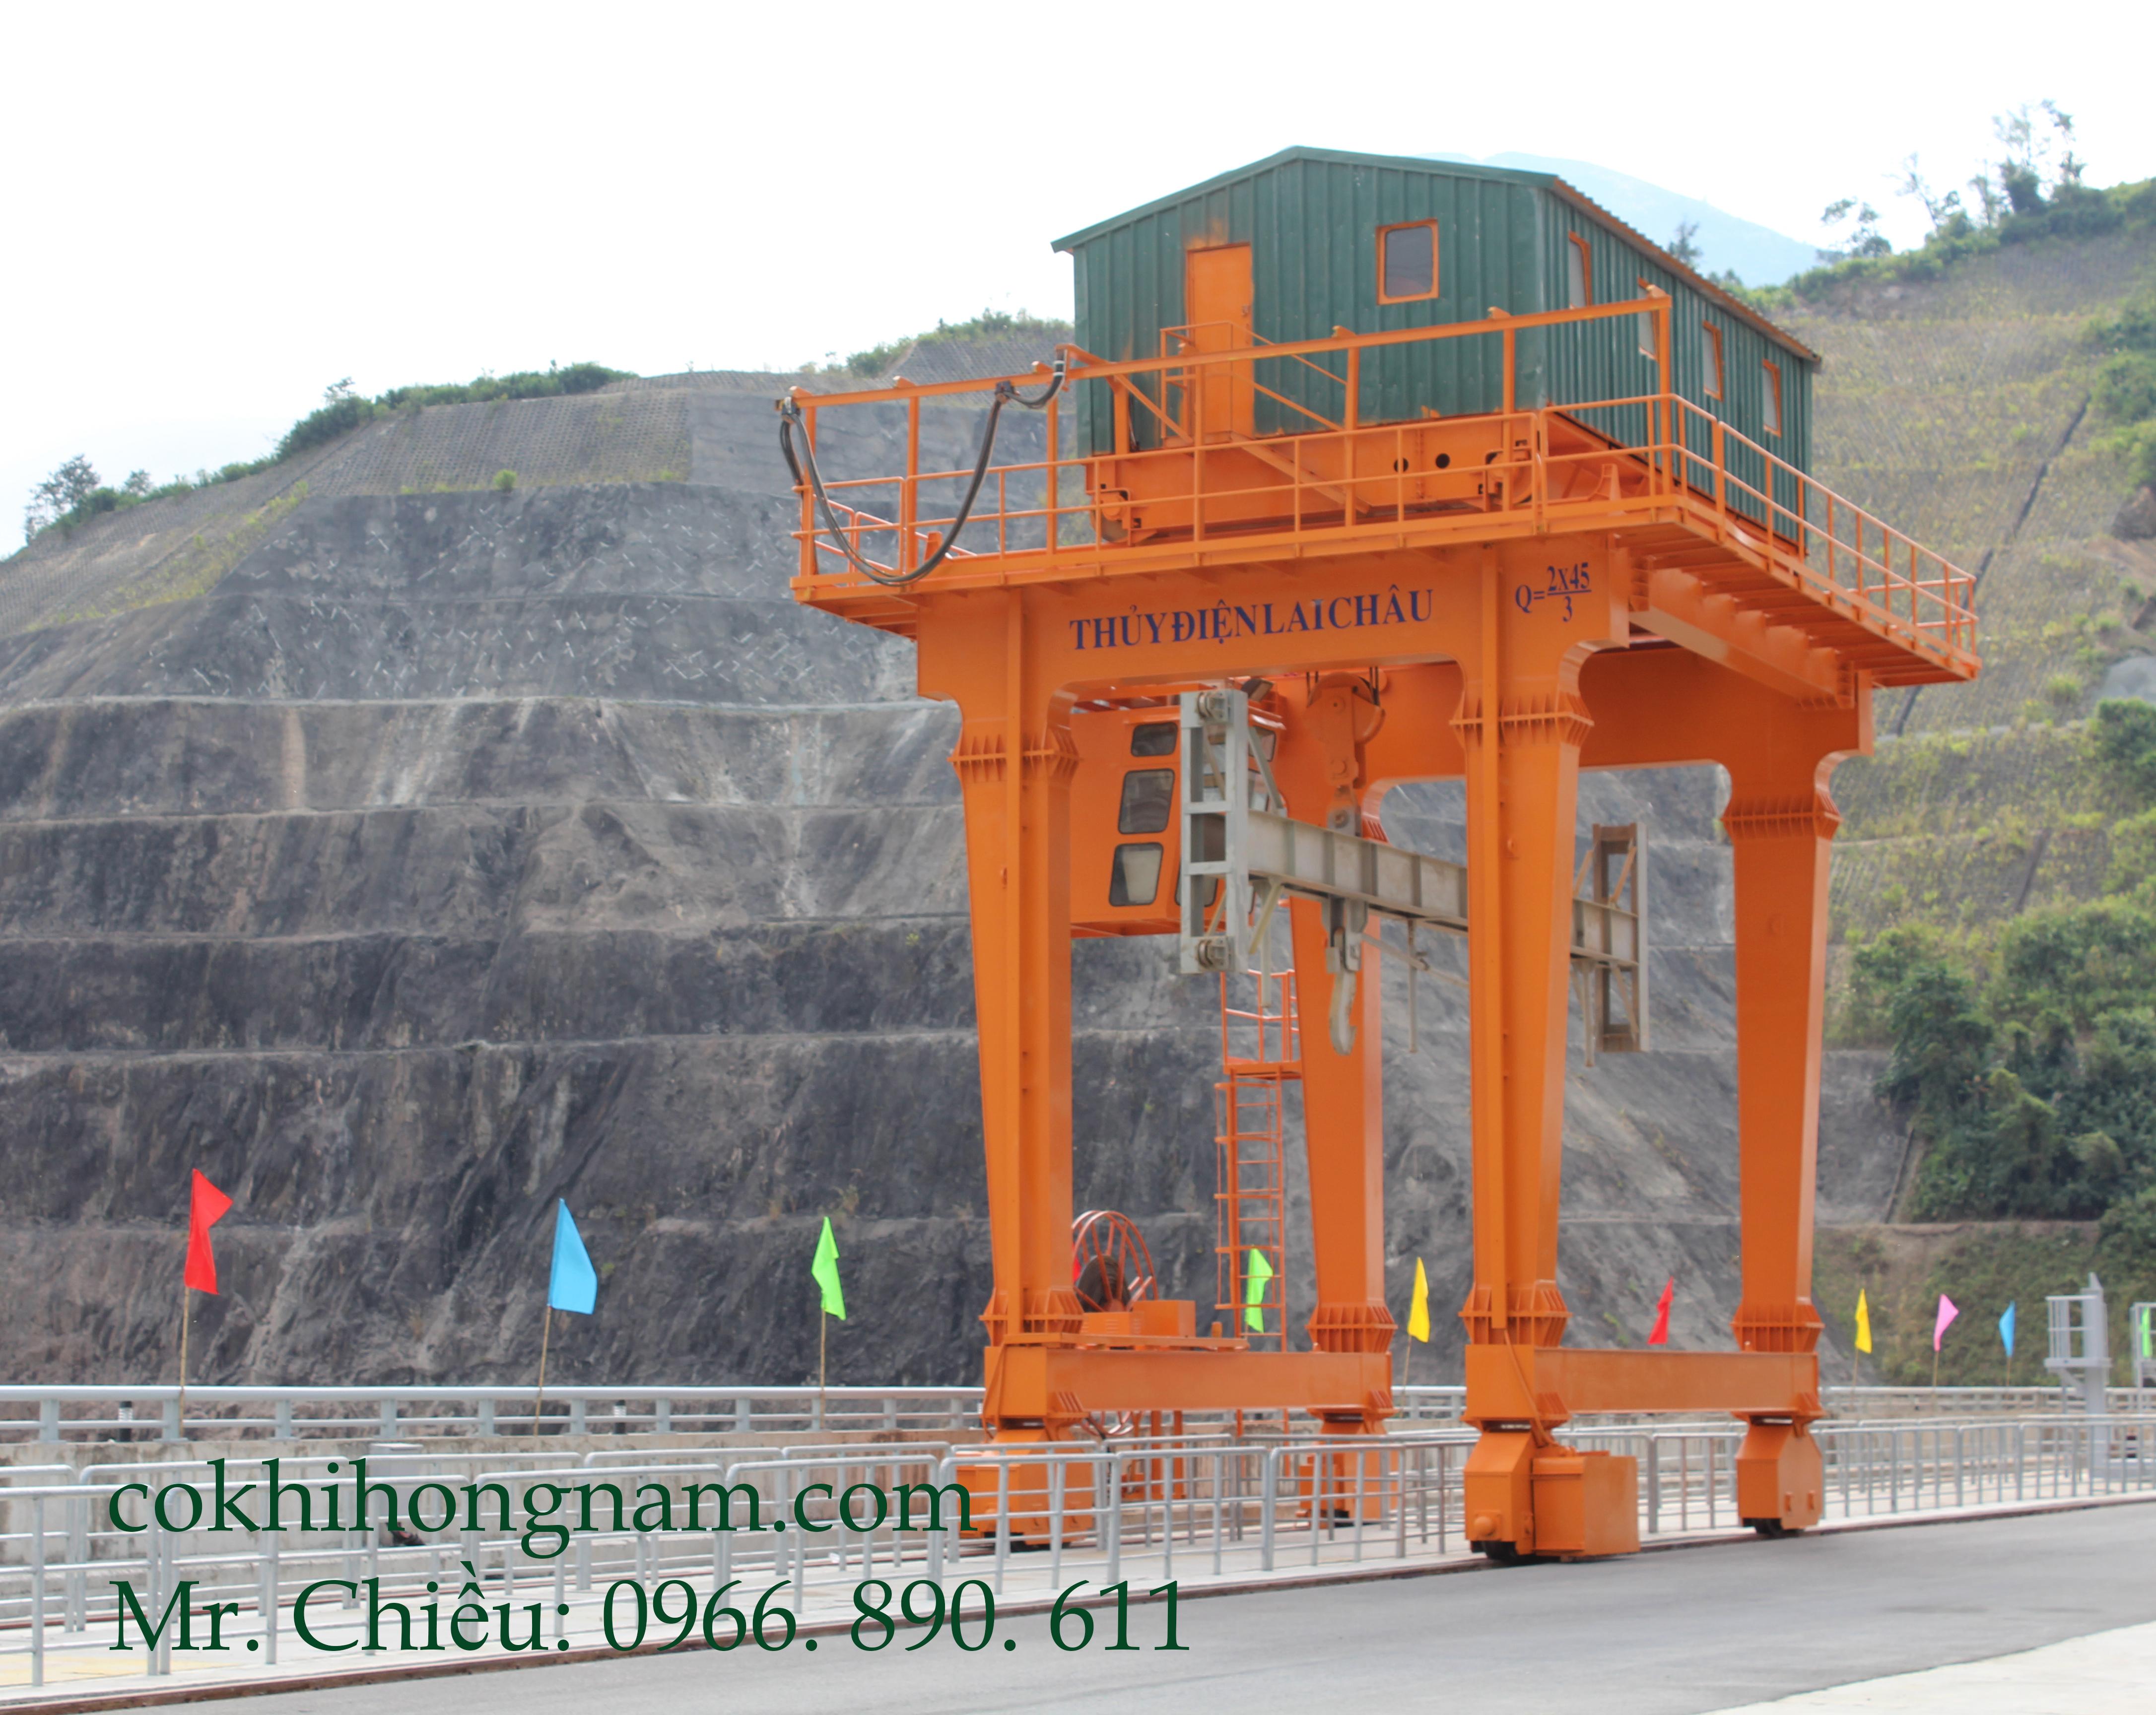 Thủy điện lai Châu